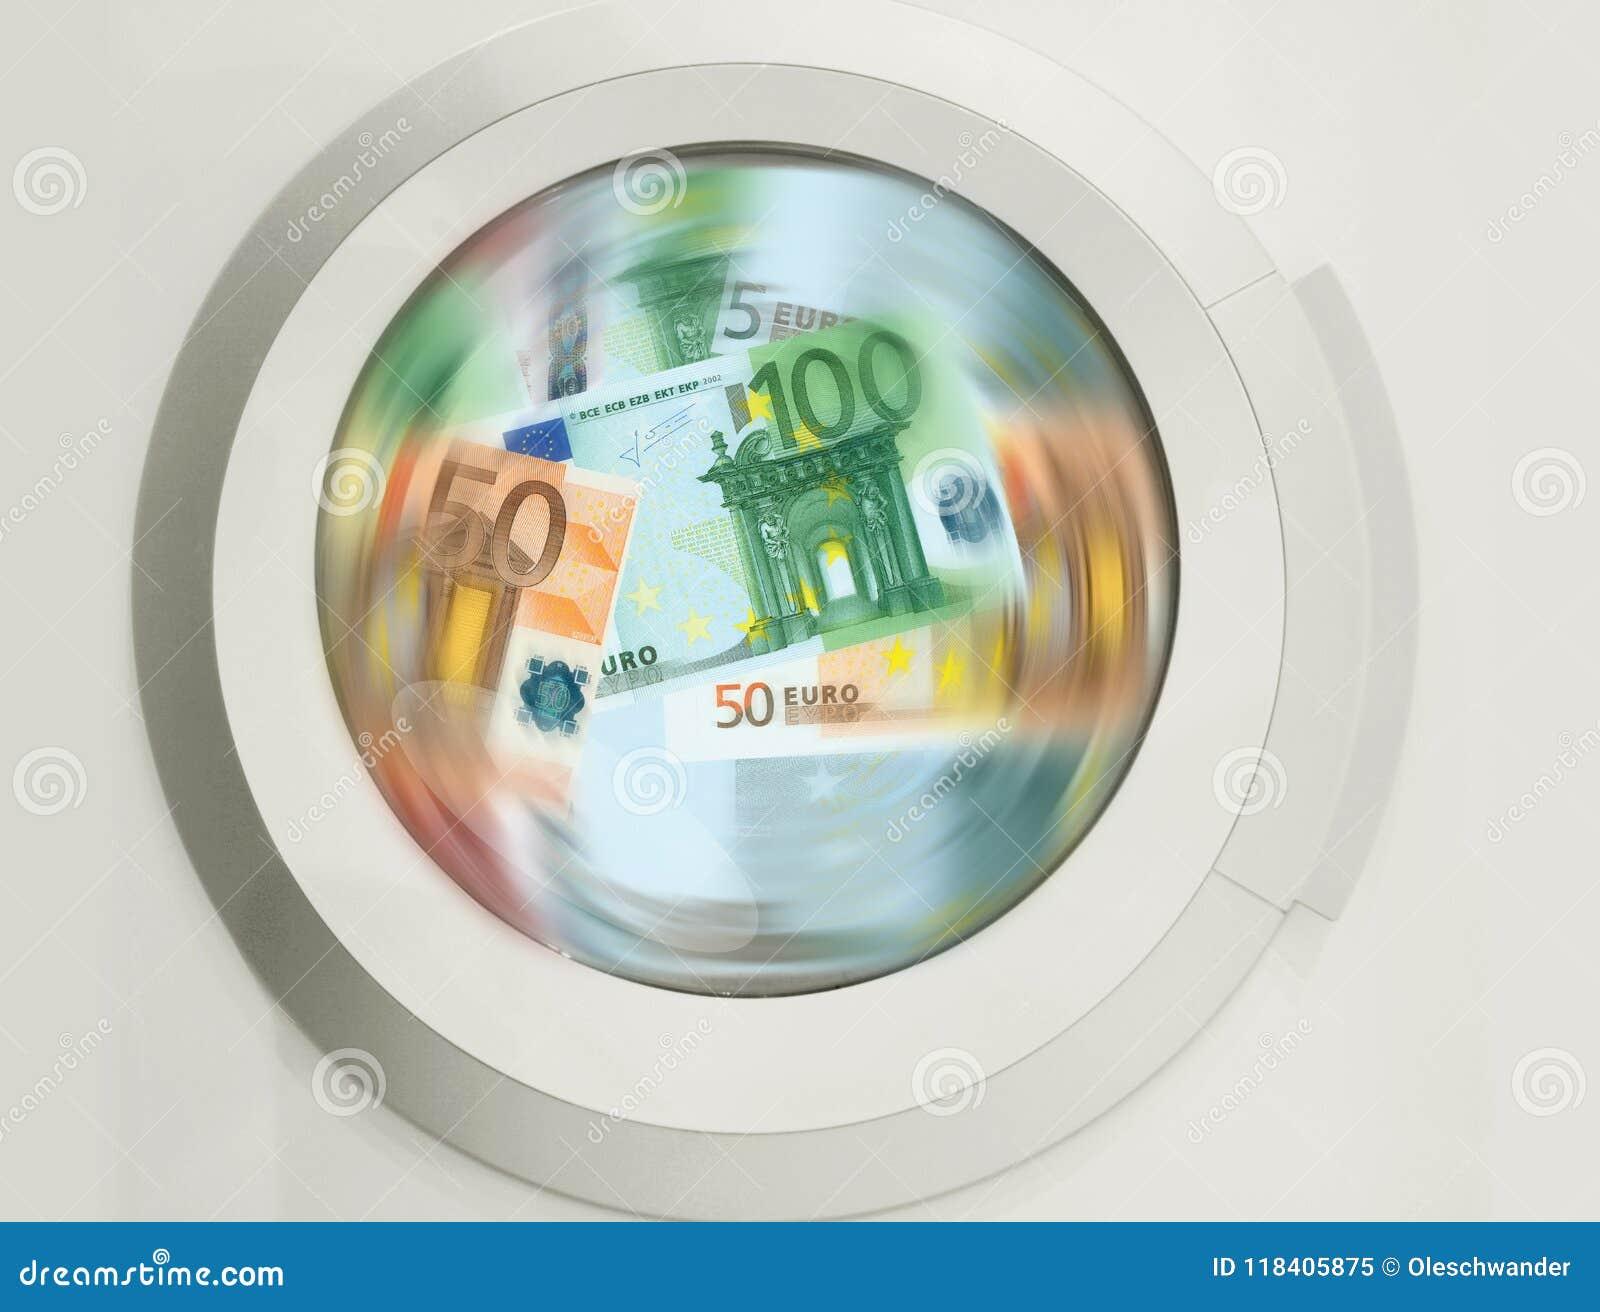 Nettoyage De La Machine À Laver un bon nombre de nettoyage de machine à laver d'euro billets